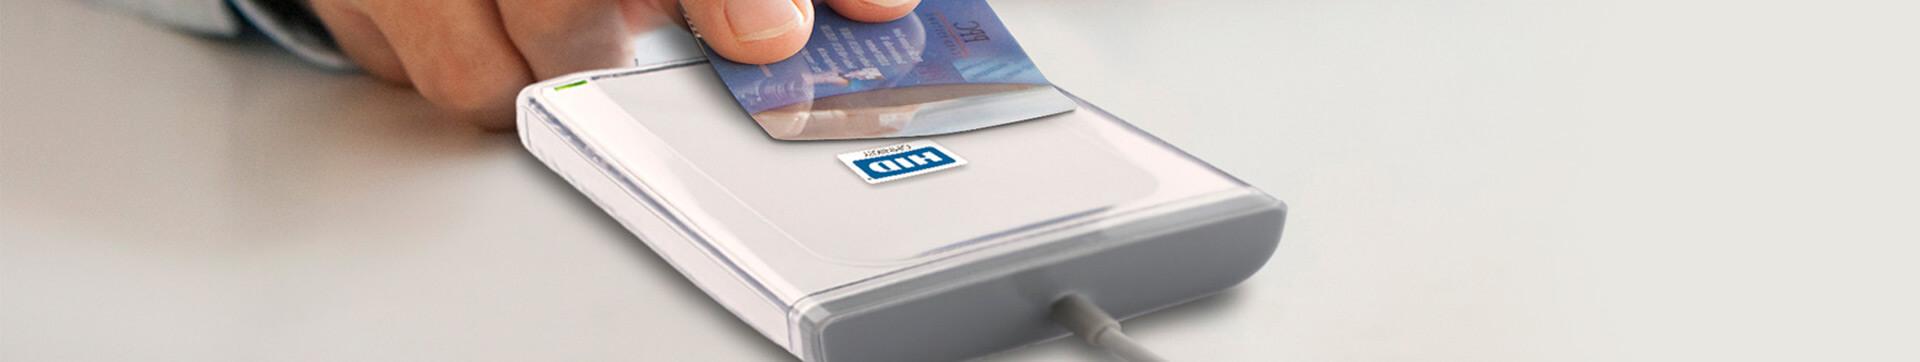 Kartenlesegeräte HID Omnikey, Kartenlesegerät Reader mit Chipkarte